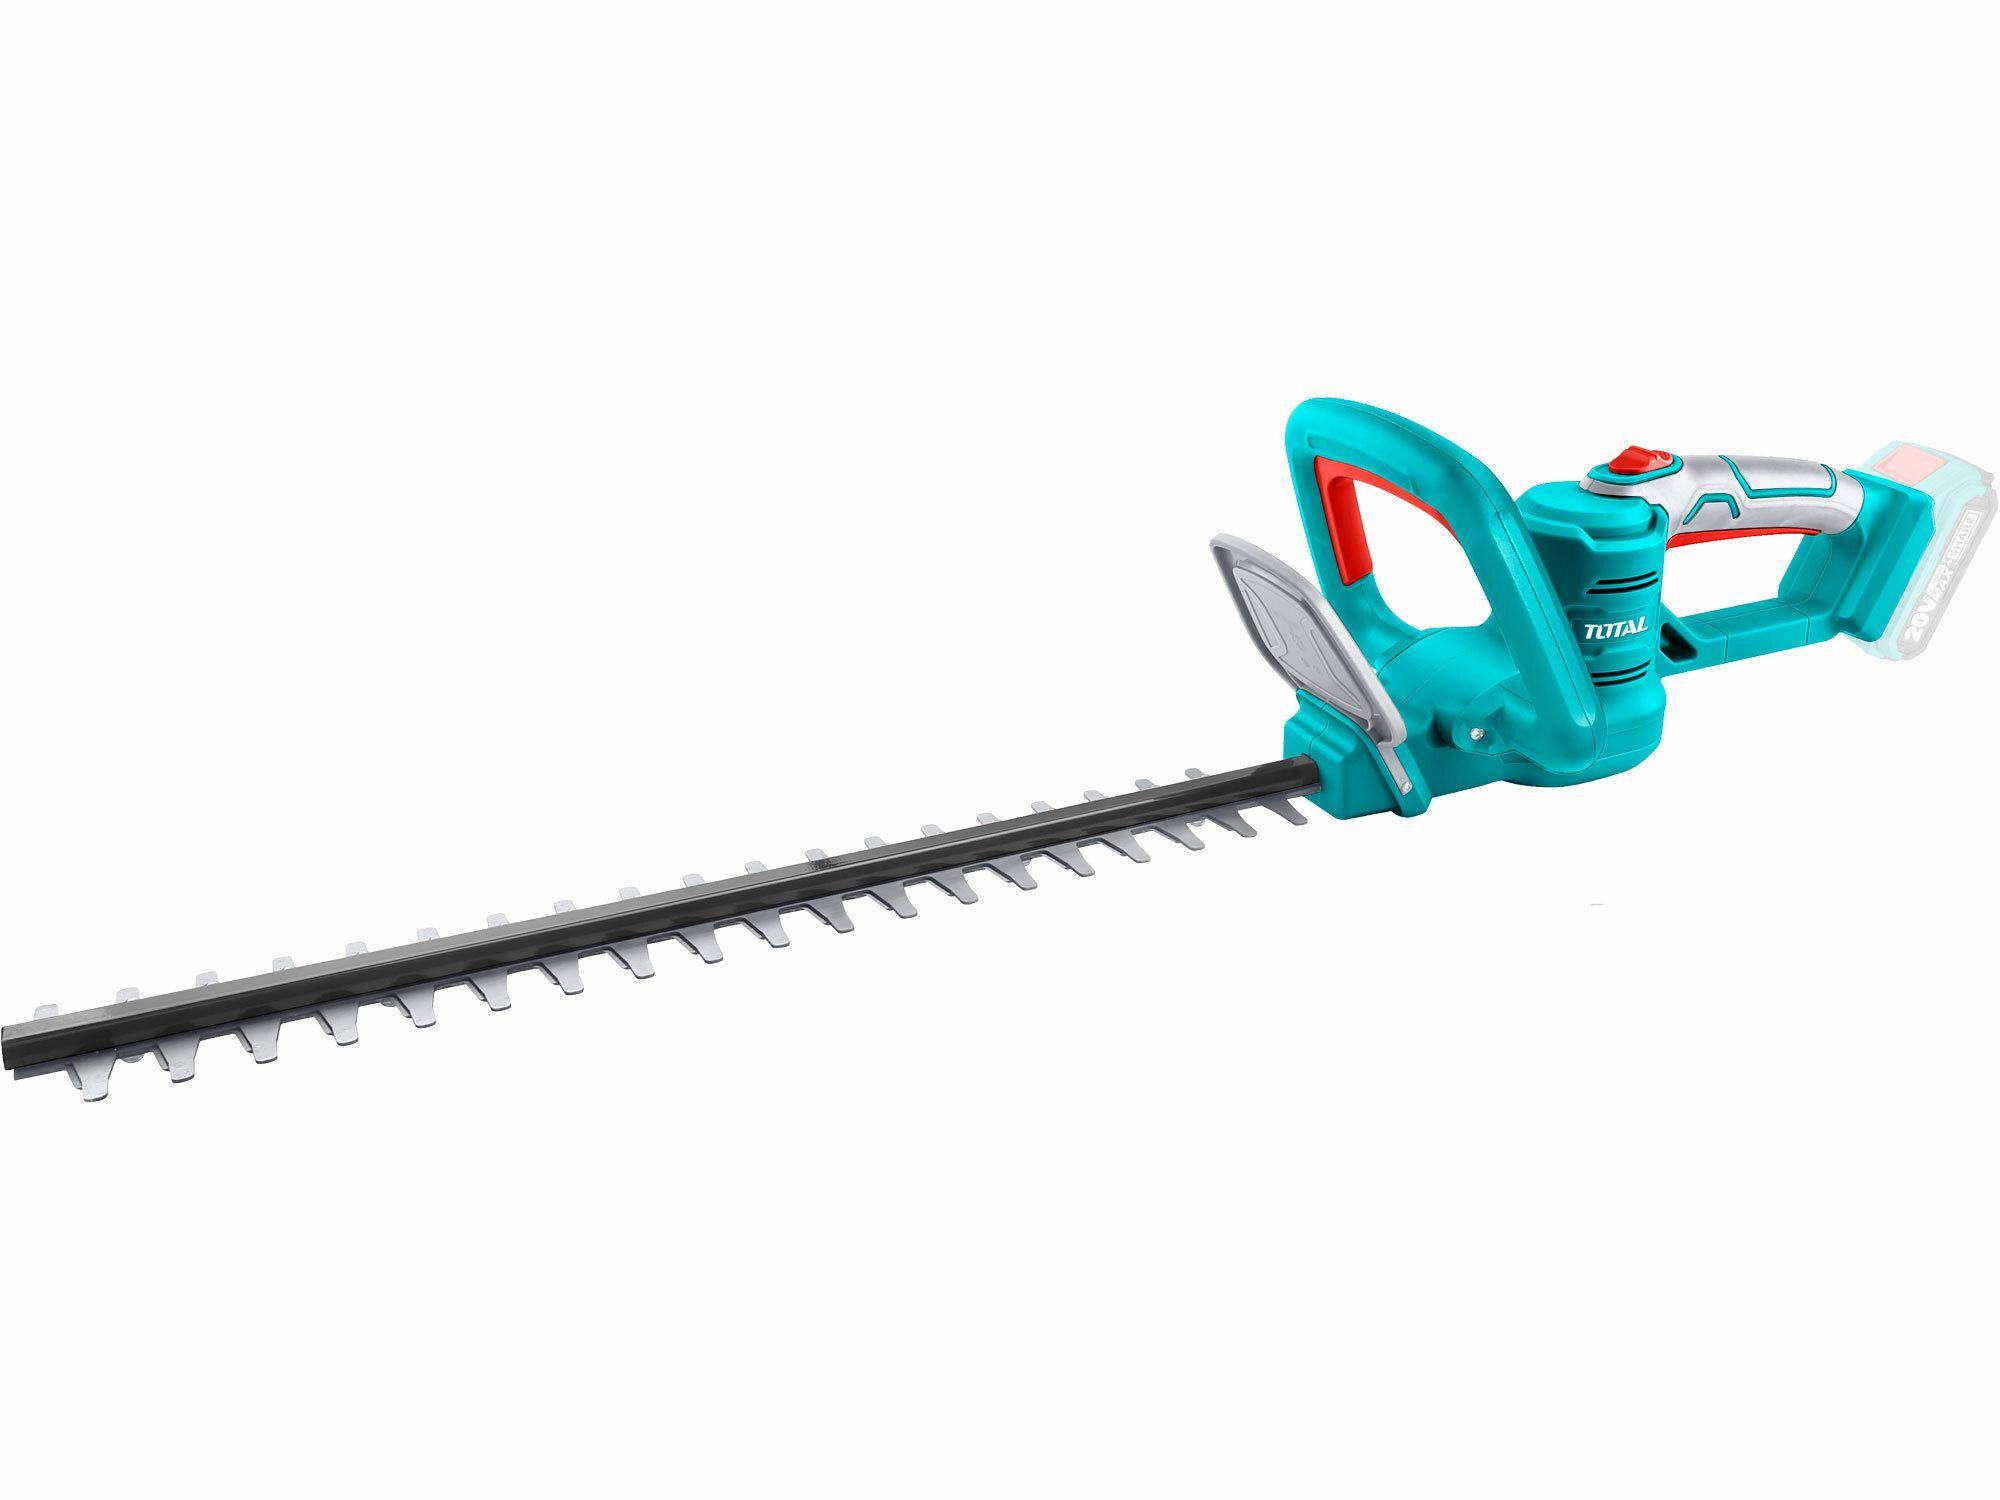 Nůžky na živé ploty AKU, 20V Li-ion, 2000mAh, industrial - bez baterie a nabíječky